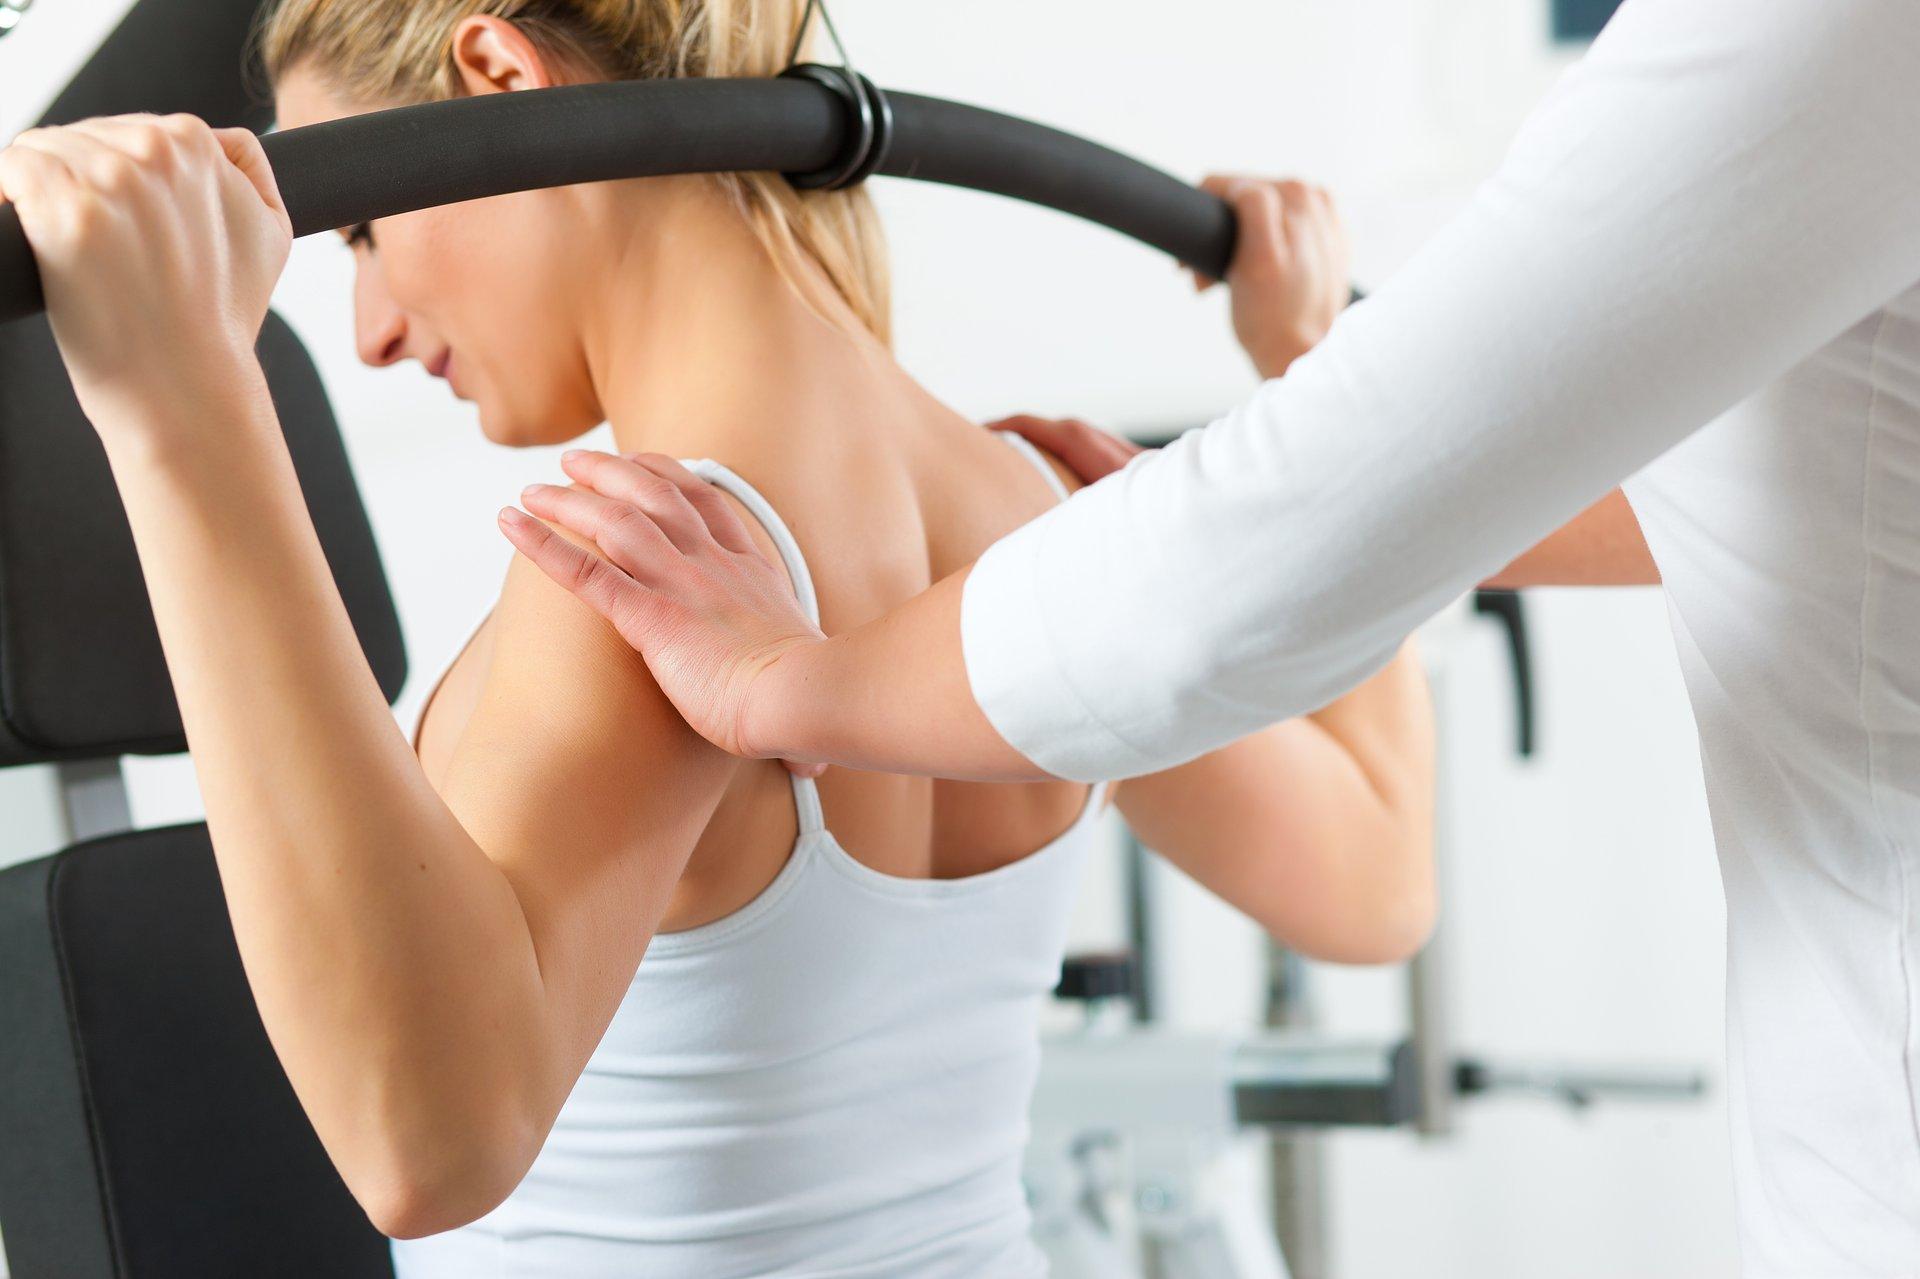 Powrót do aktywności fizycznej po wakacjach? Przydatna może okazać się pomoc fizjoterapeuty